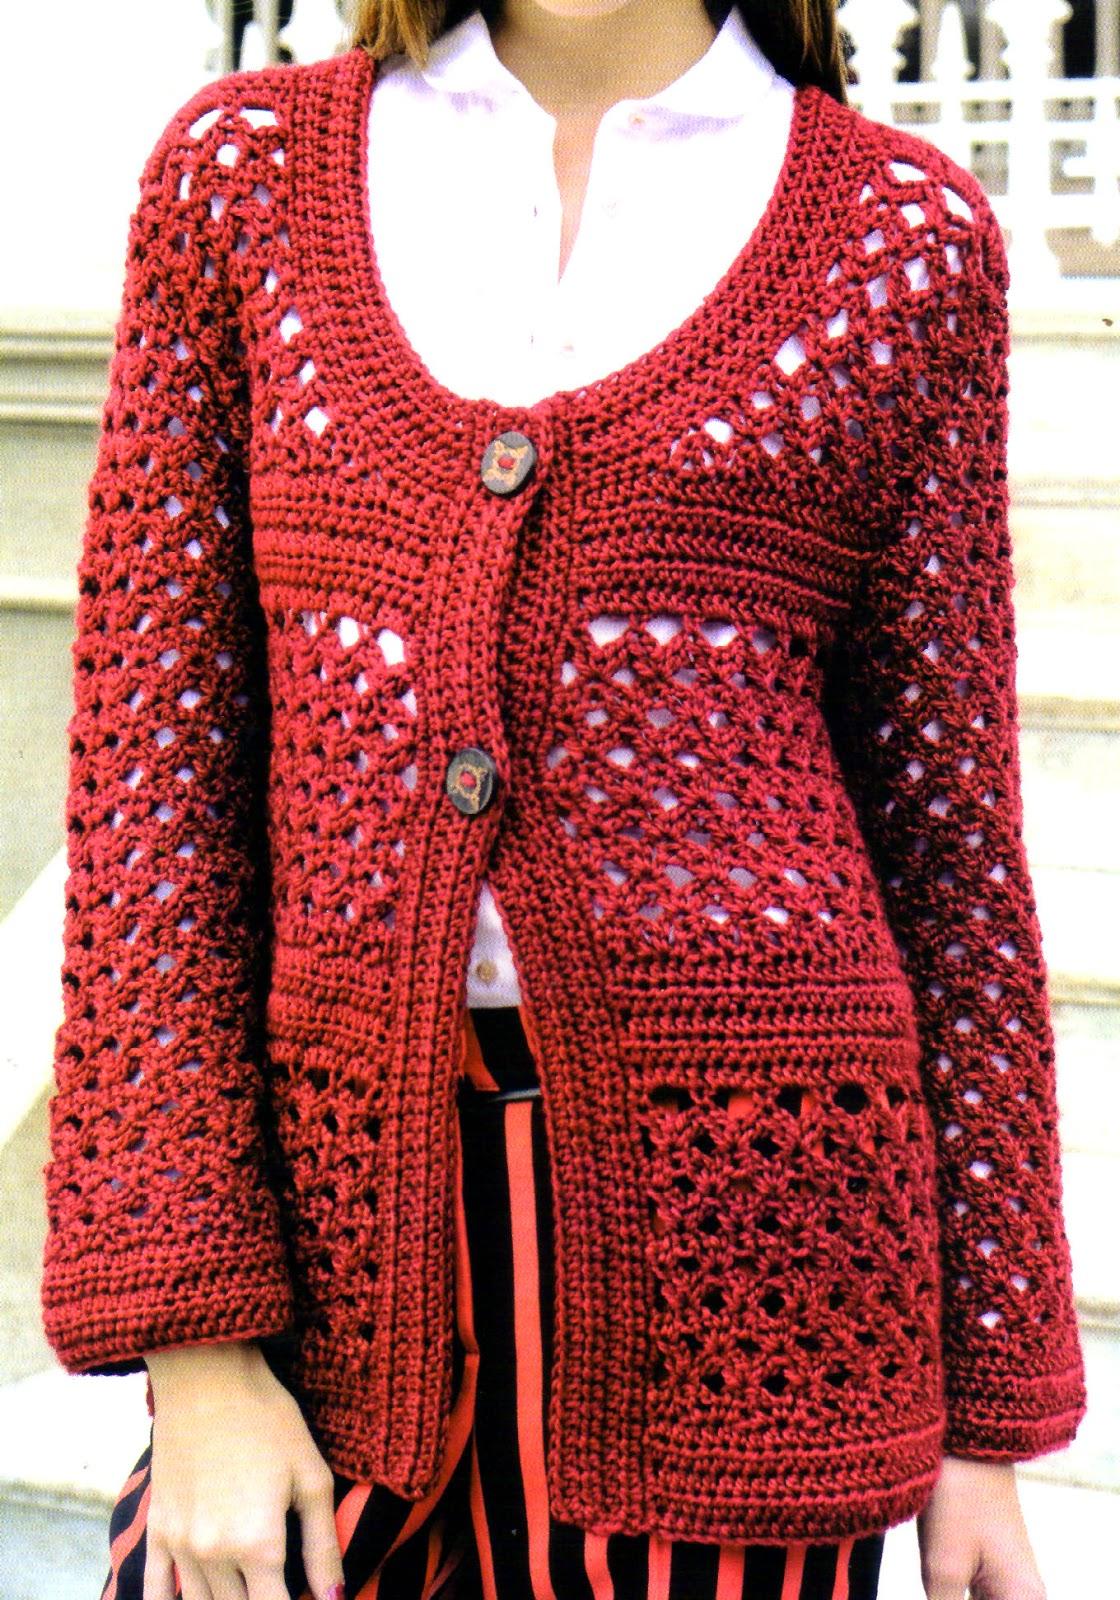 saco artesanal tejido al crochet